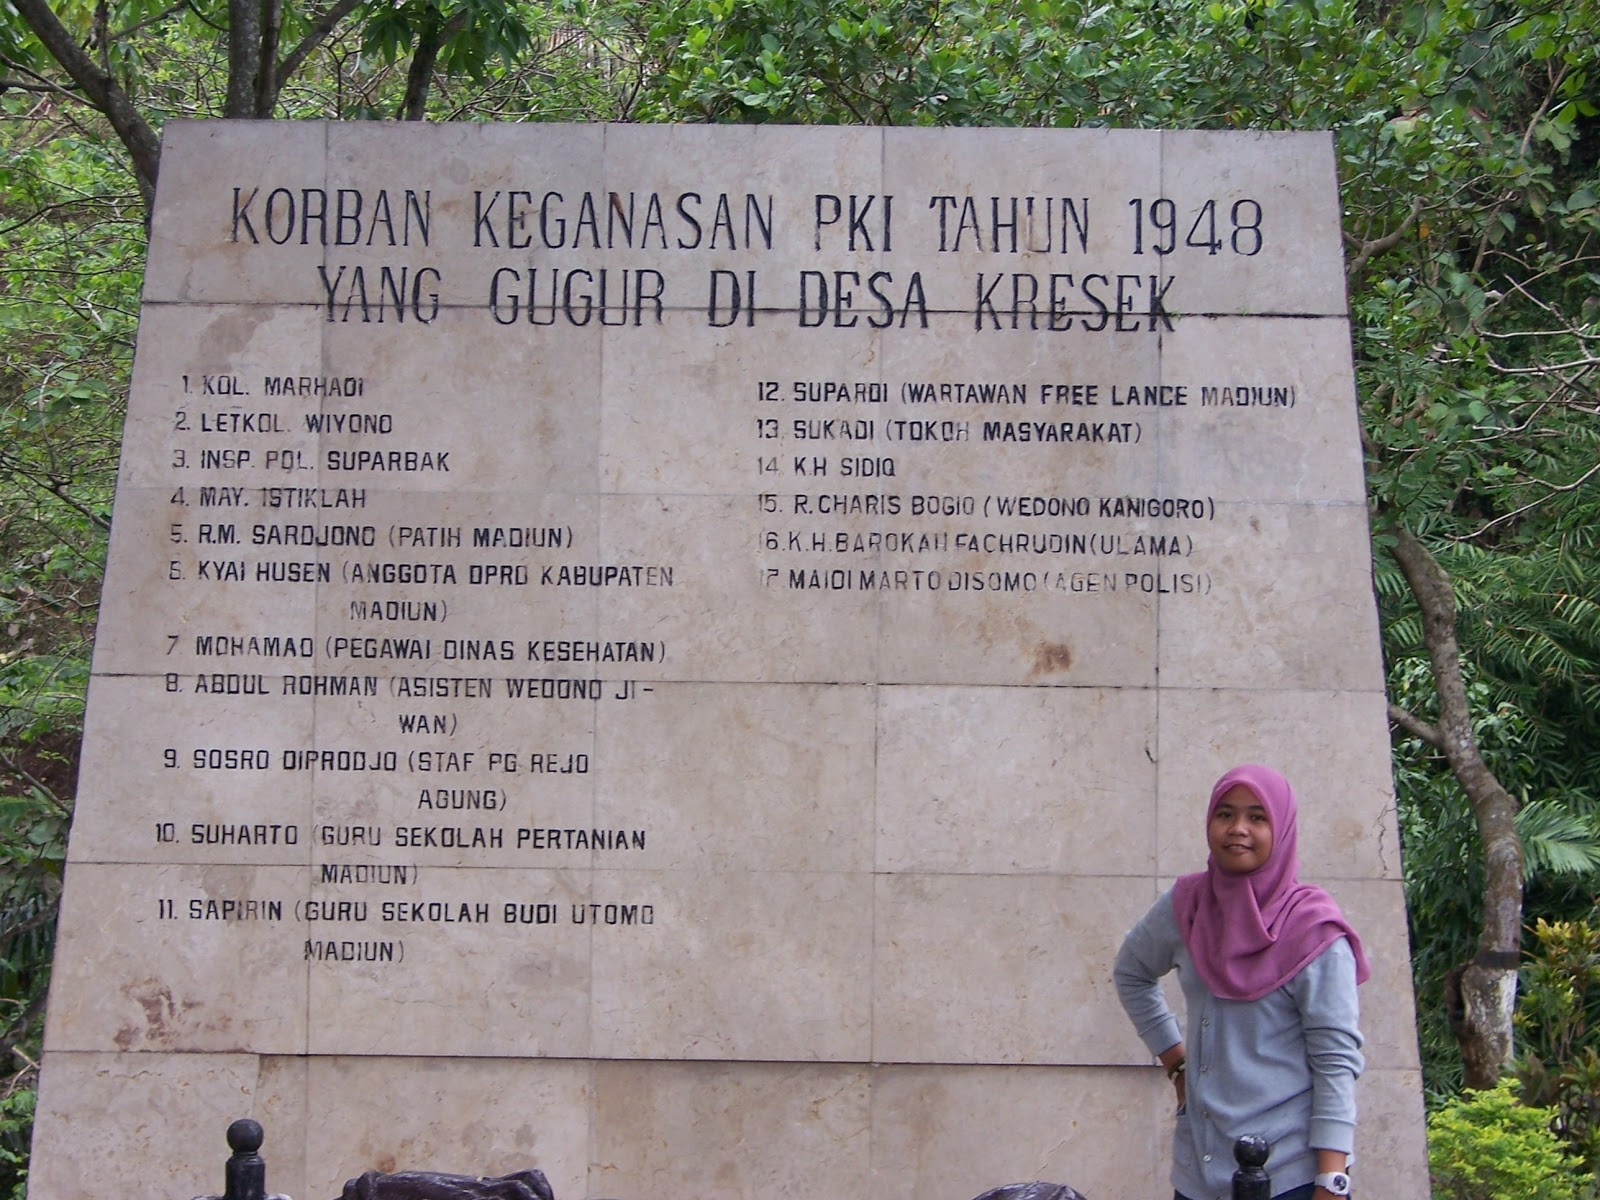 Diamonds Monumen Kresek Sejarah Kekejaman Pki Tentang Penulis Rekan Kabupaten